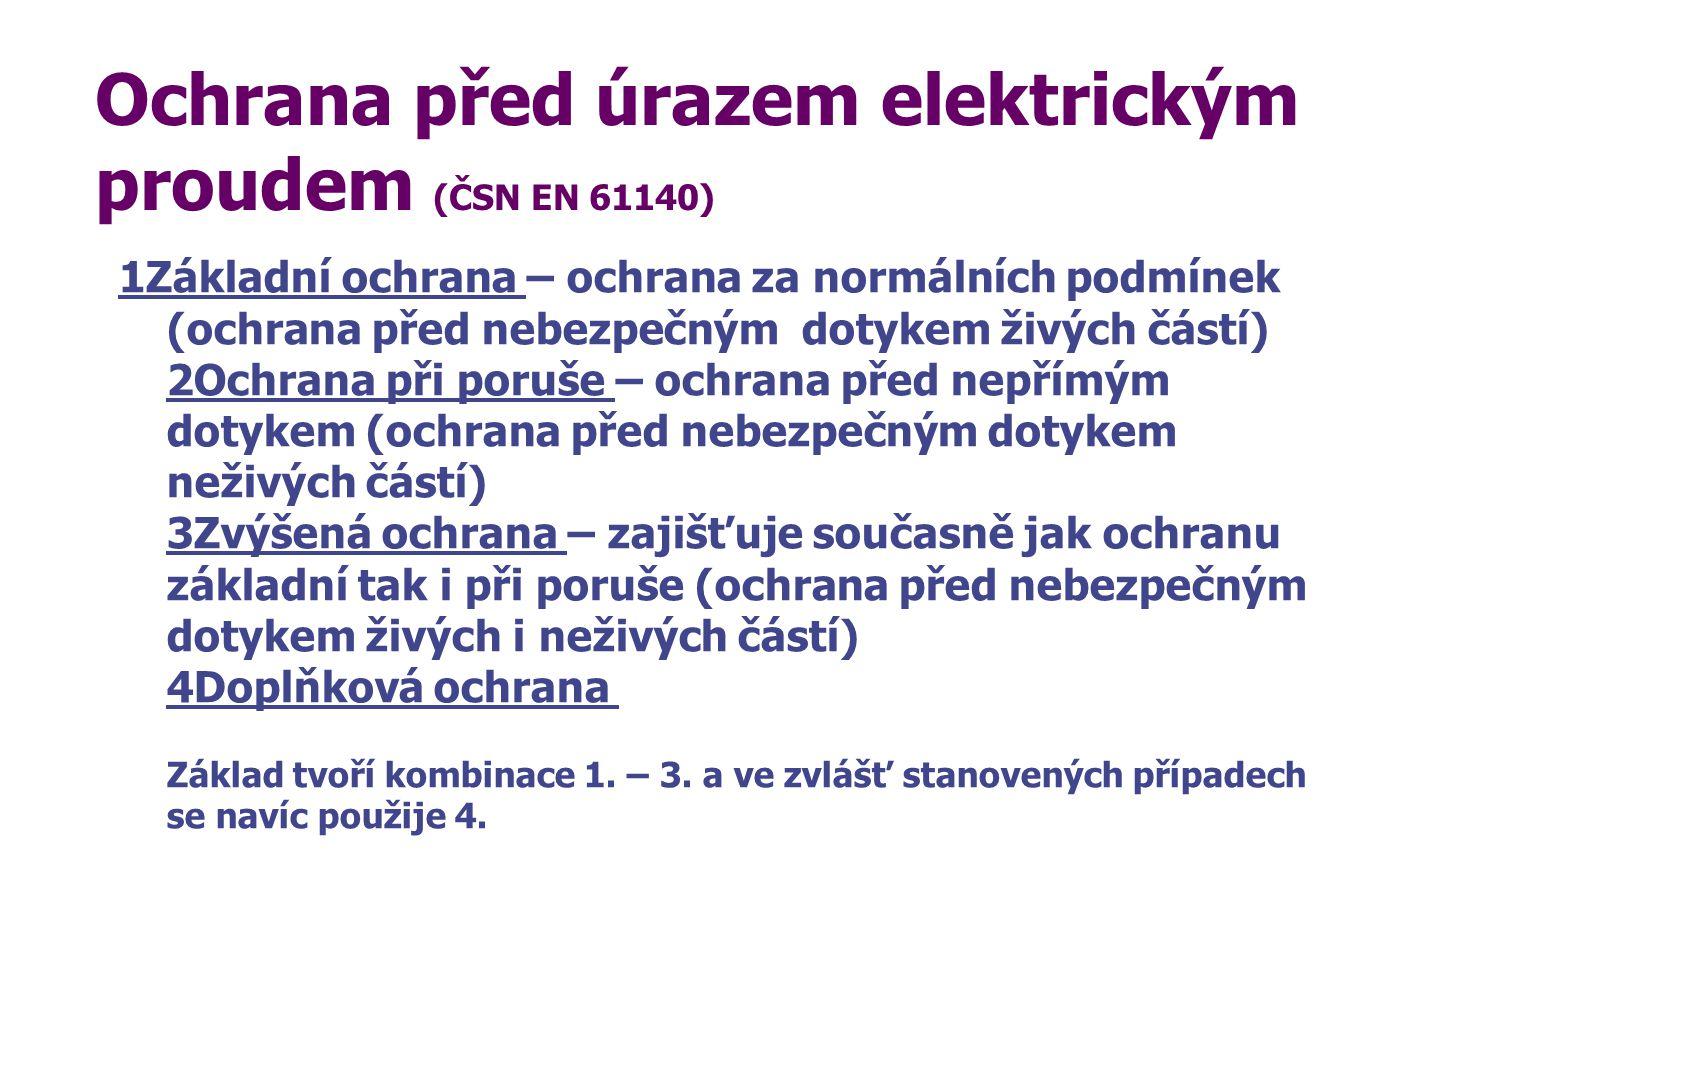 Spínače – nn (230 V) Všechny spotřebiče a obvody musí být vypínatelné Umístění spínačů je na straně otevírání dveří ve výši 0,9 - 1,2 m nad podlahou Zapínání je vždy stlačením horní části nebo přepnutím do horní polohy Světelný obvod se jistí 10 A jističem (domácnosti) a 25 A (v průmyslu) Max.